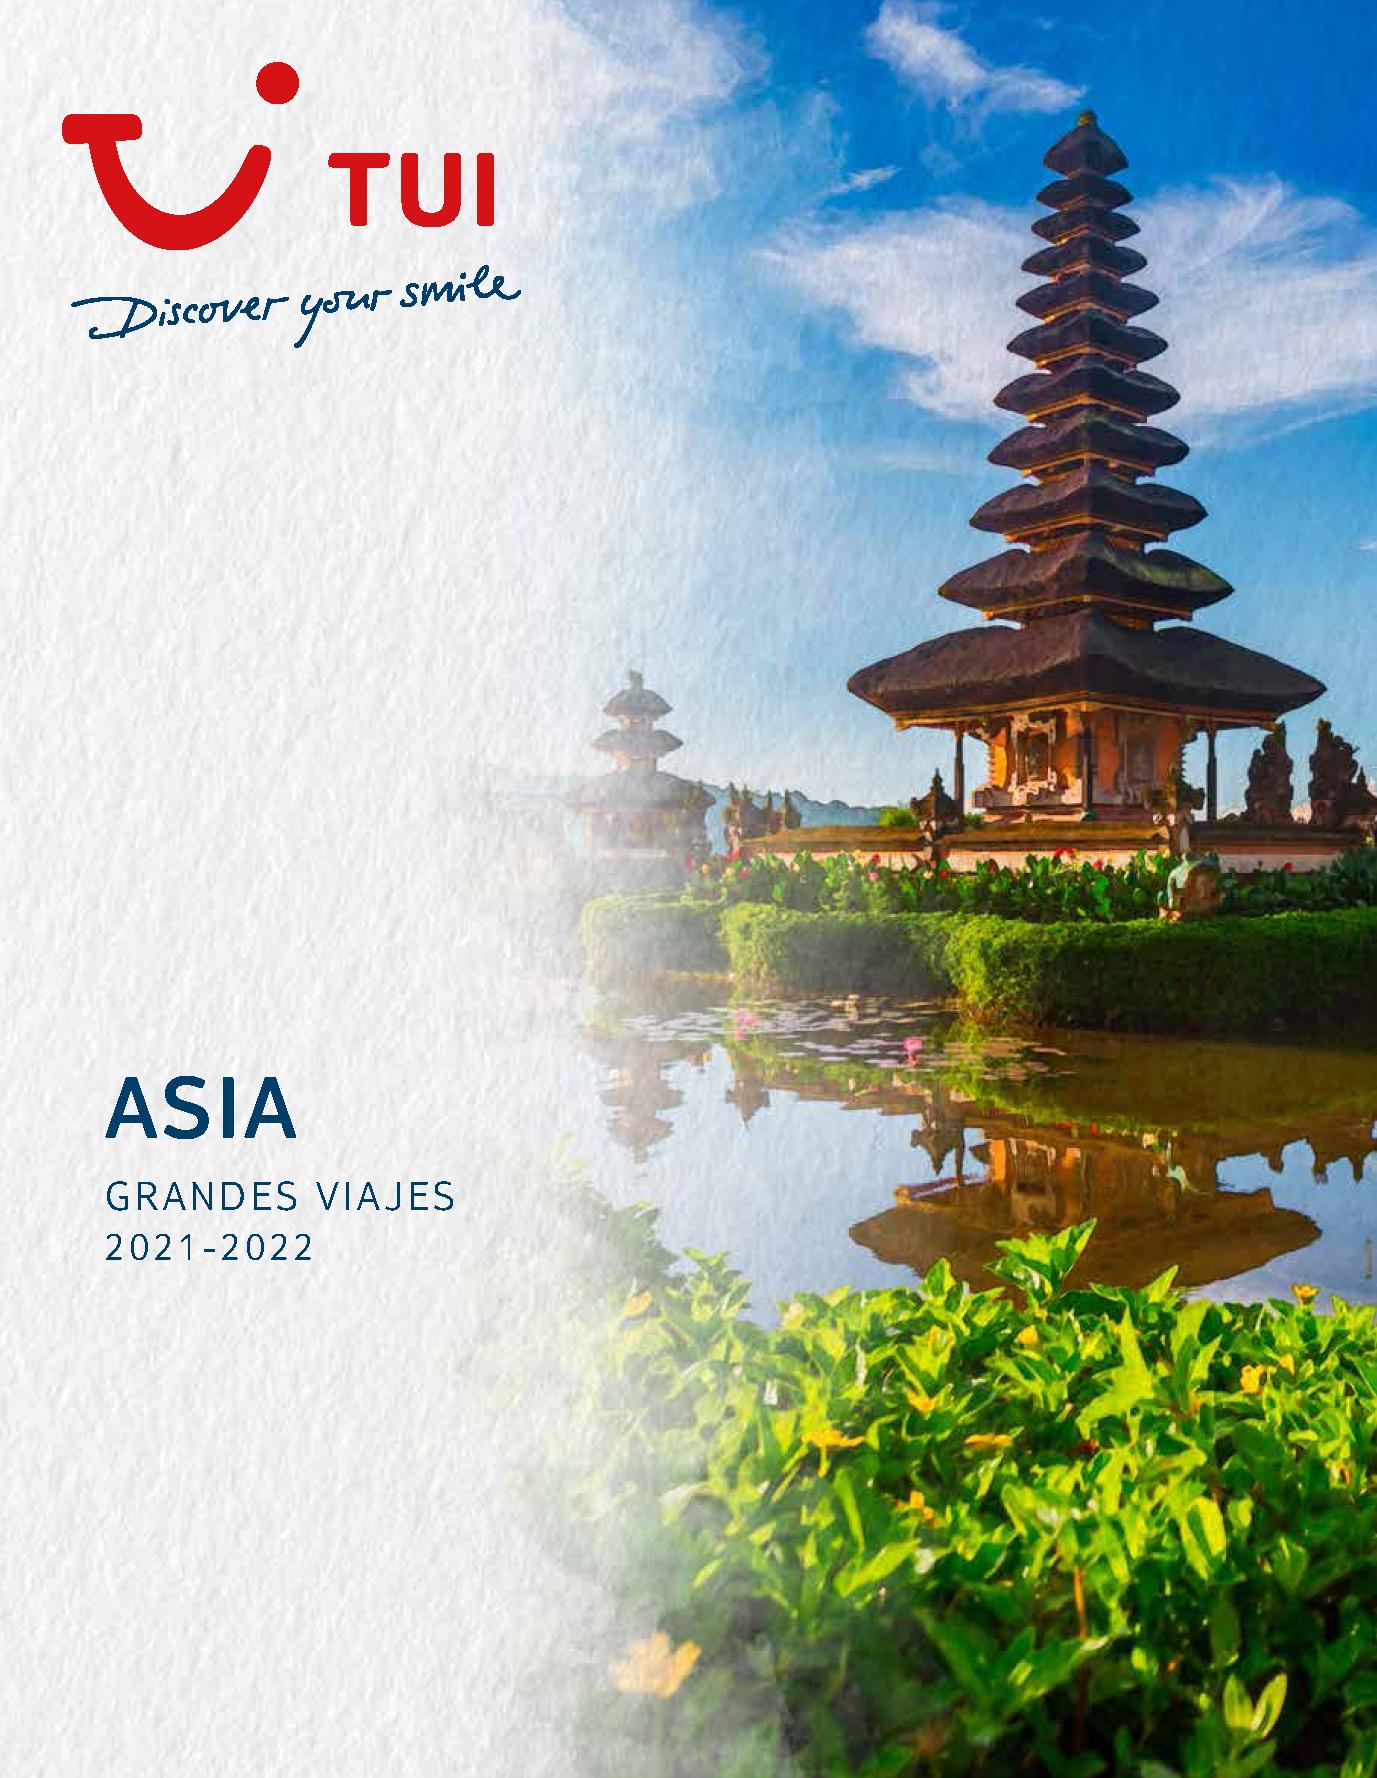 Catalogo TUI Ambassador Tours Asia 2021-2022